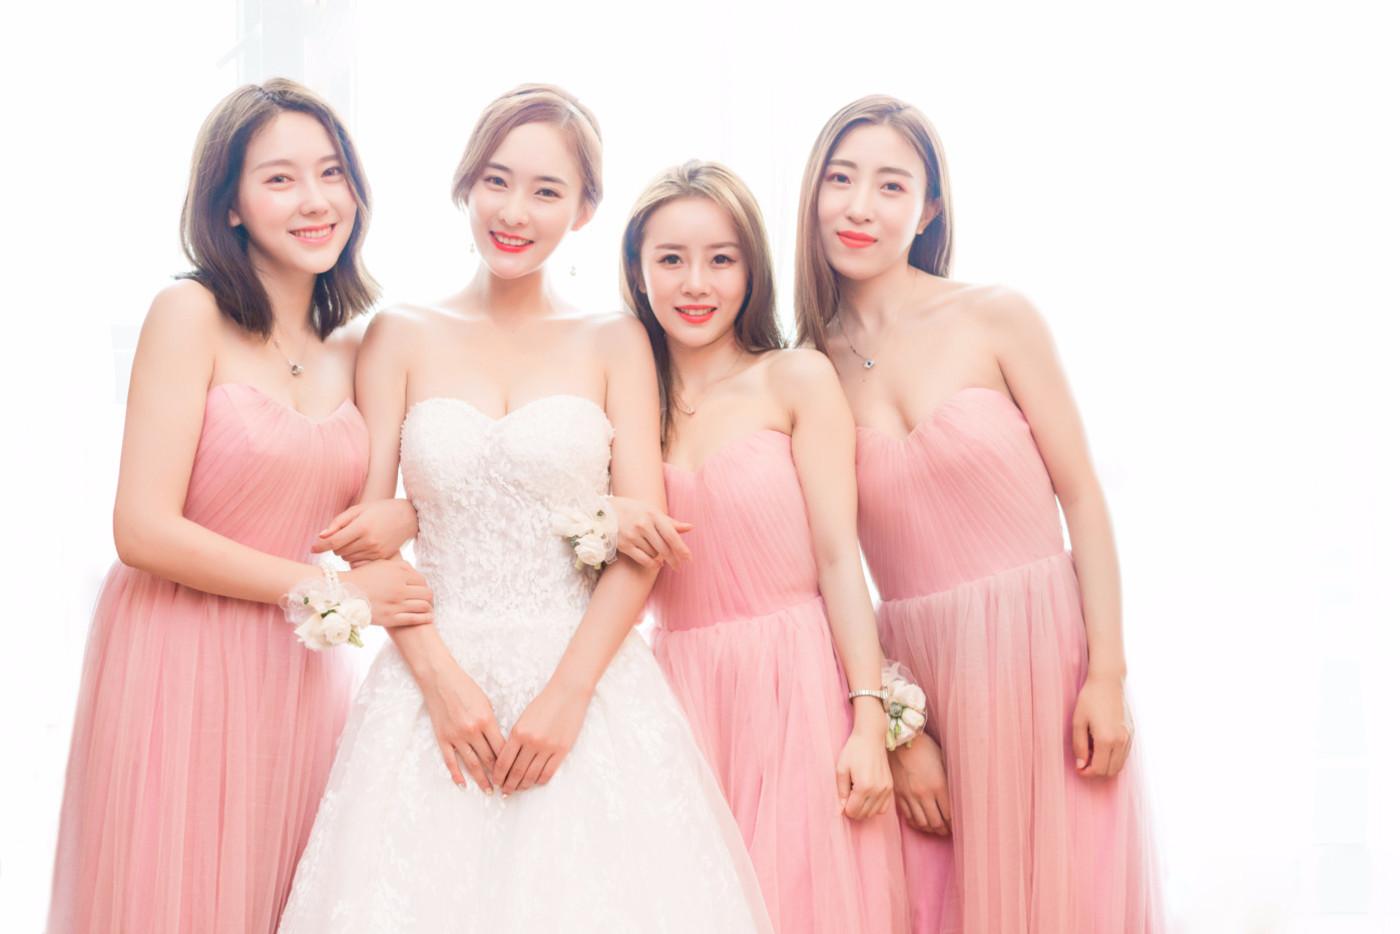 大美女的婚礼6